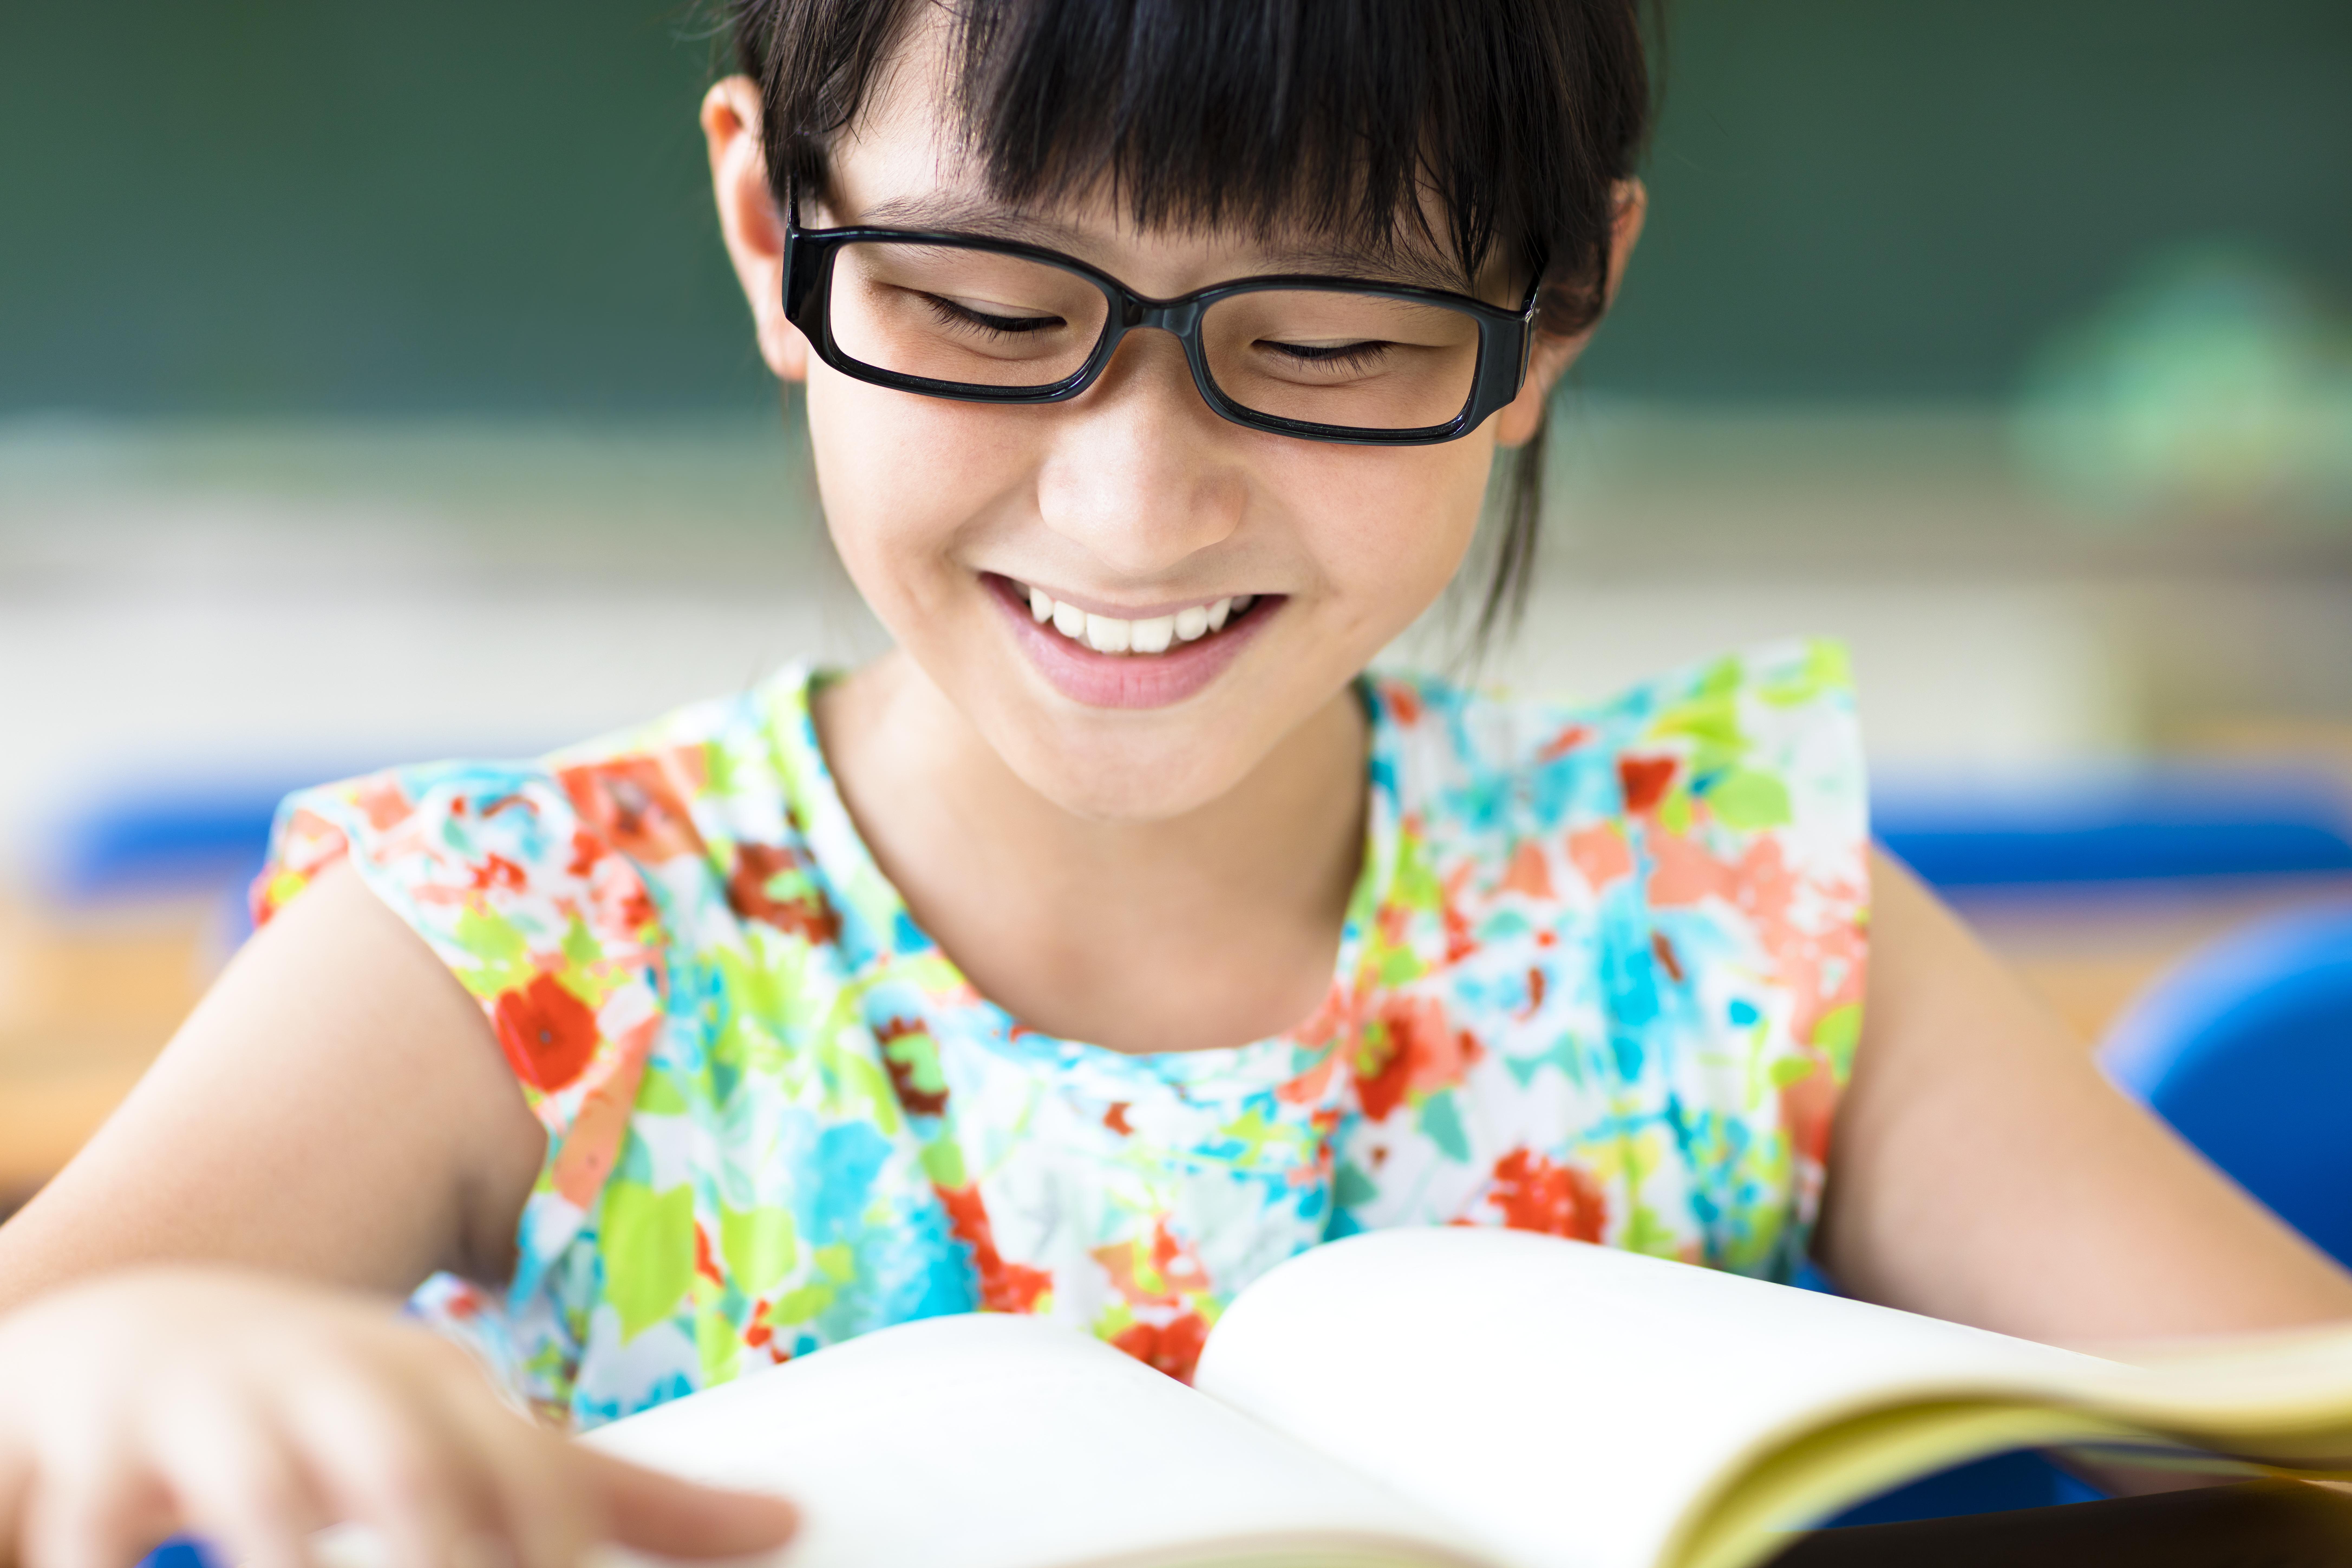 Personer med dyslexi har fått gåvor såsom ökad kreativitet och förbättrad helhetssyn på situationer. Hjärnan arbetar helt enkelt något annorlunda än hos personer som inte har dyslexi.